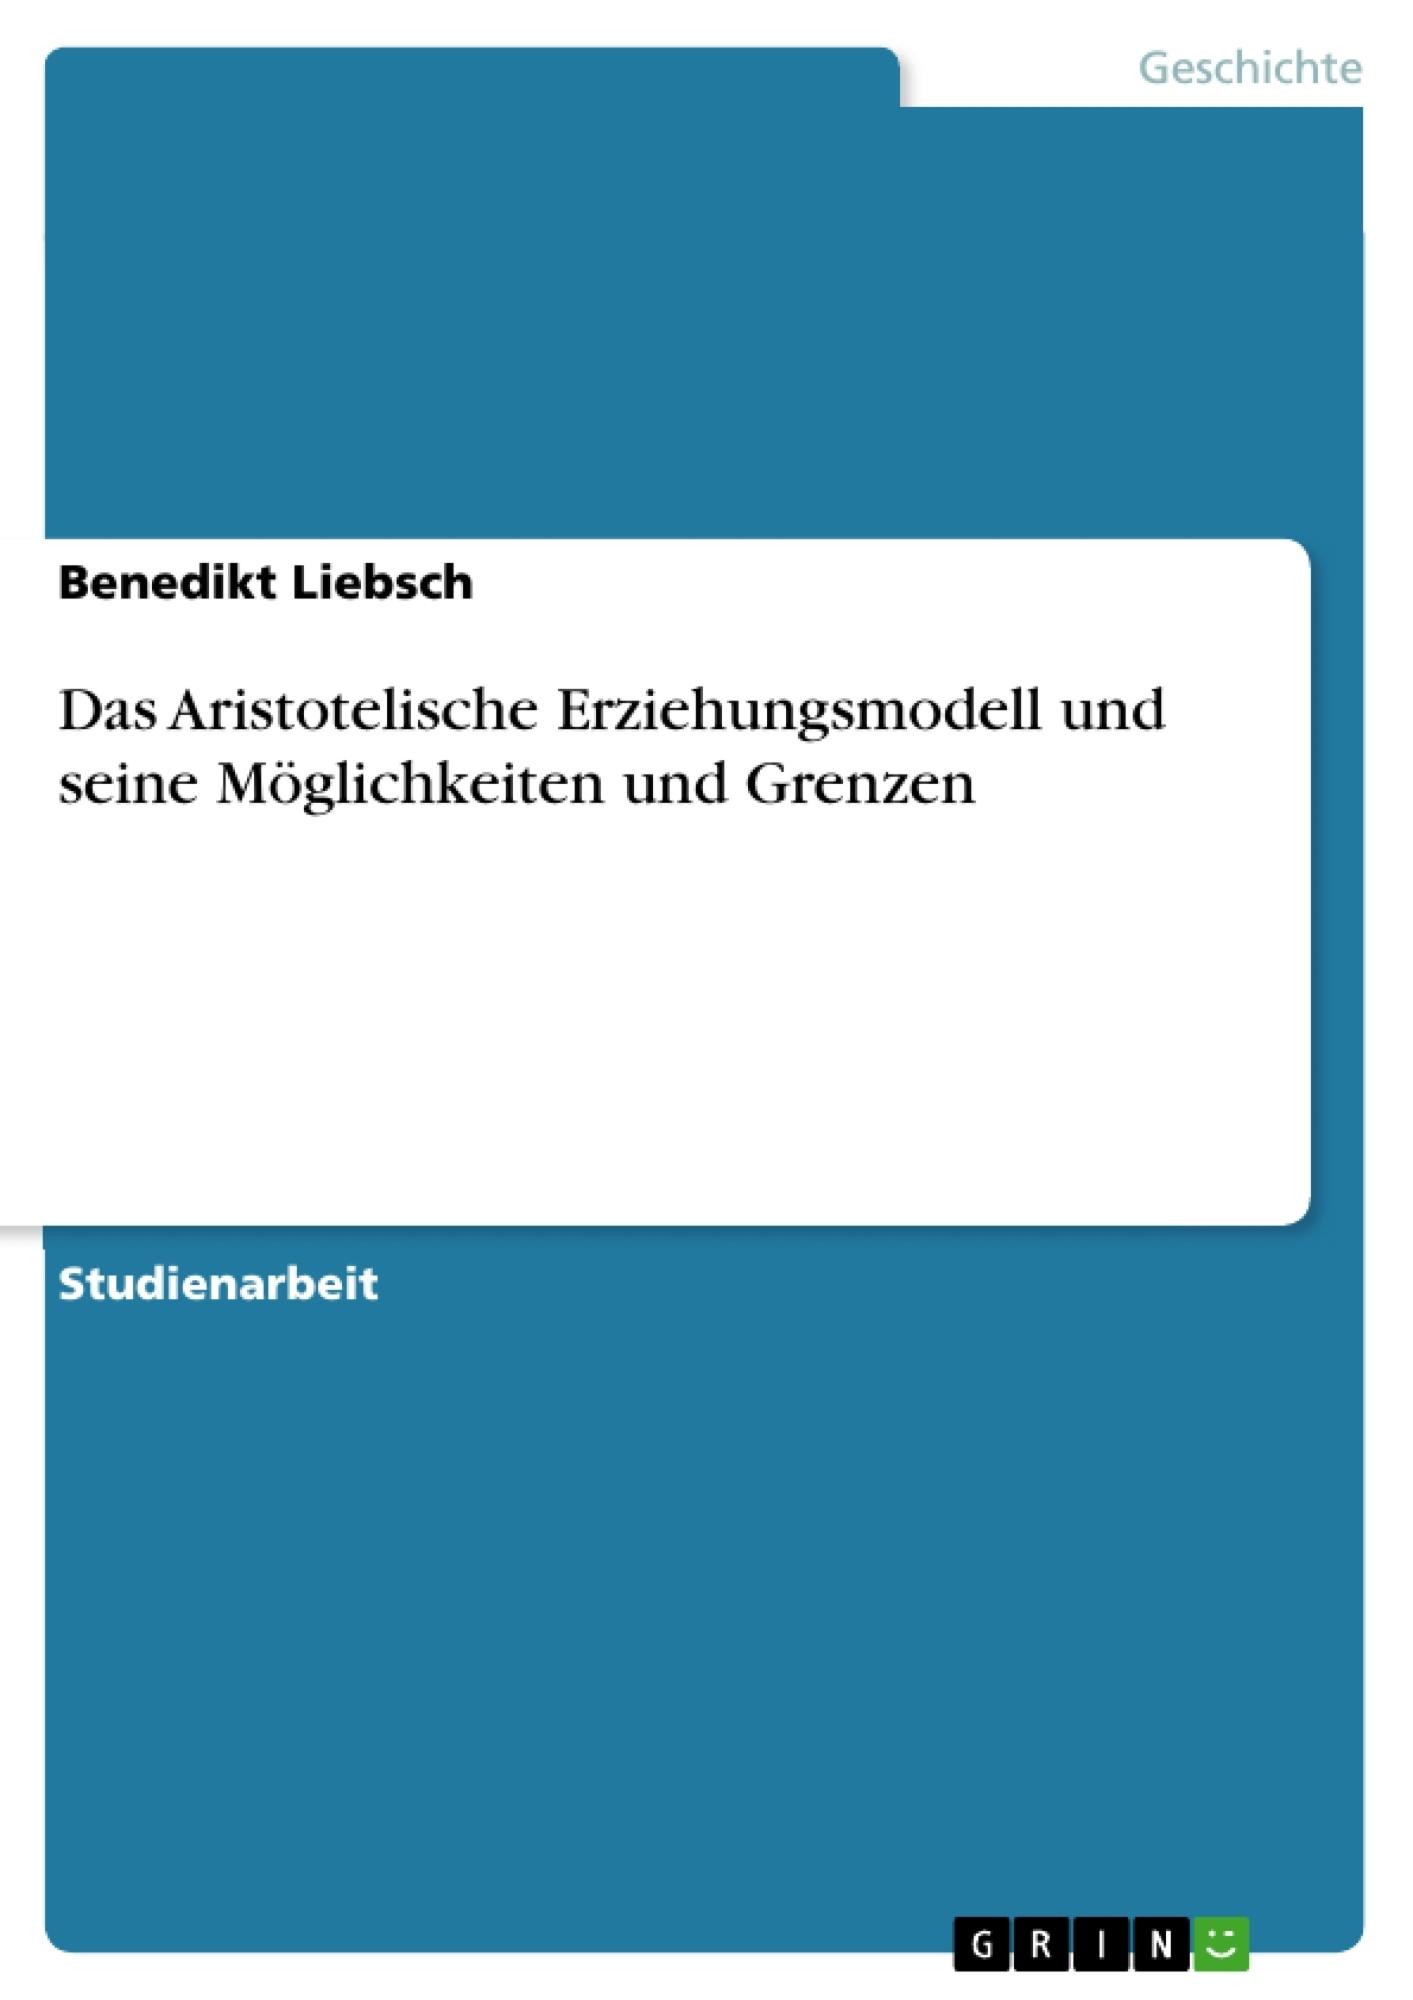 Titel: Das Aristotelische Erziehungsmodell und seine Möglichkeiten und Grenzen